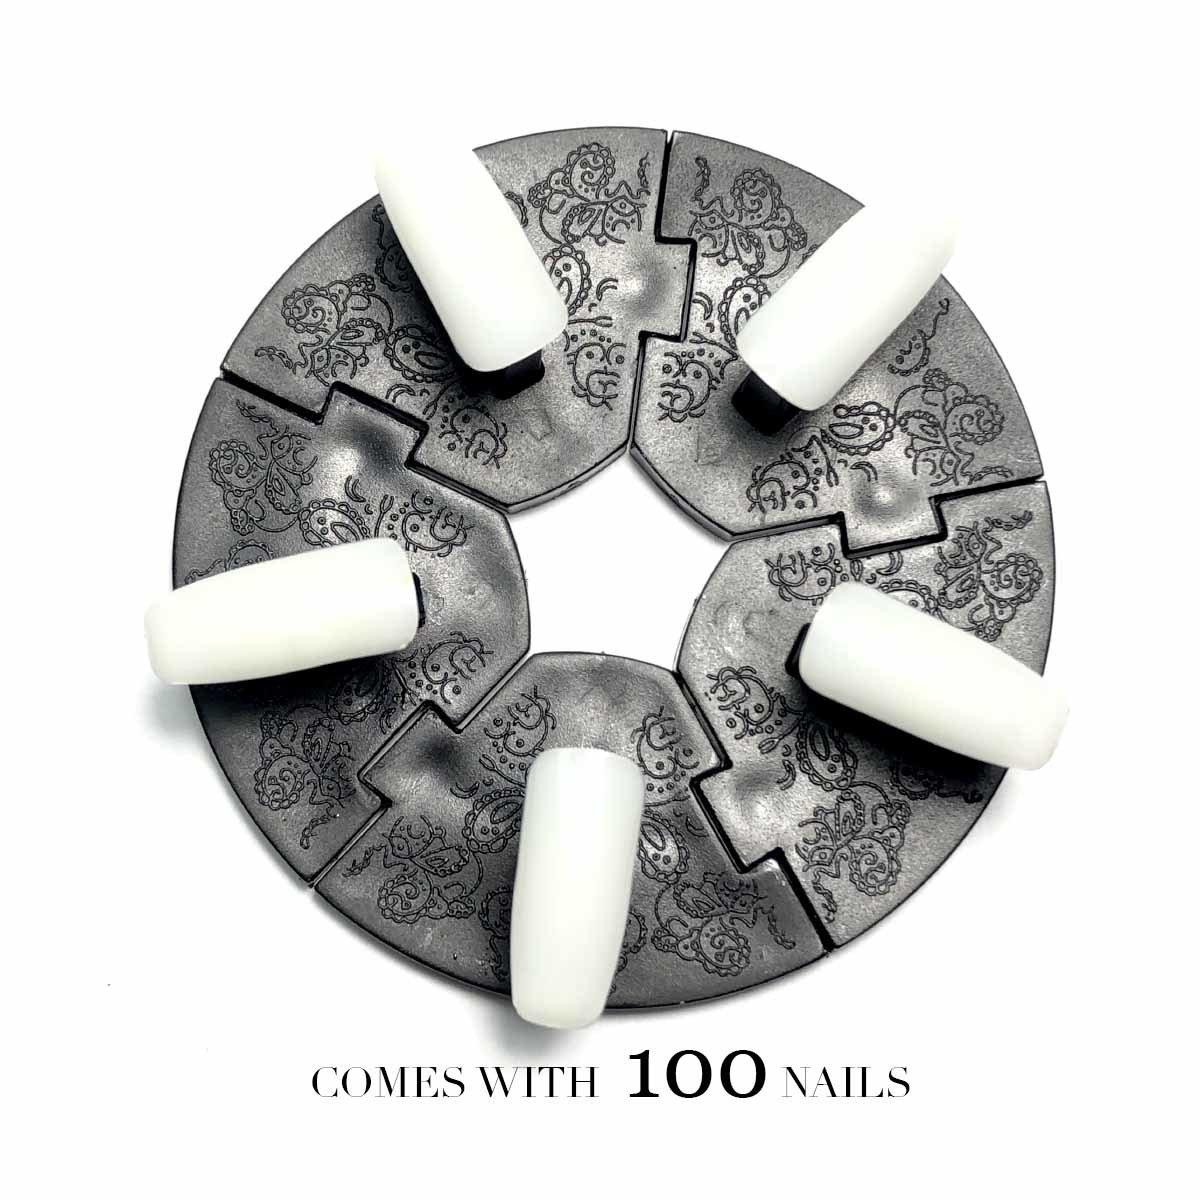 NAIL ART WHEEL COMES WITH 100 NAILS